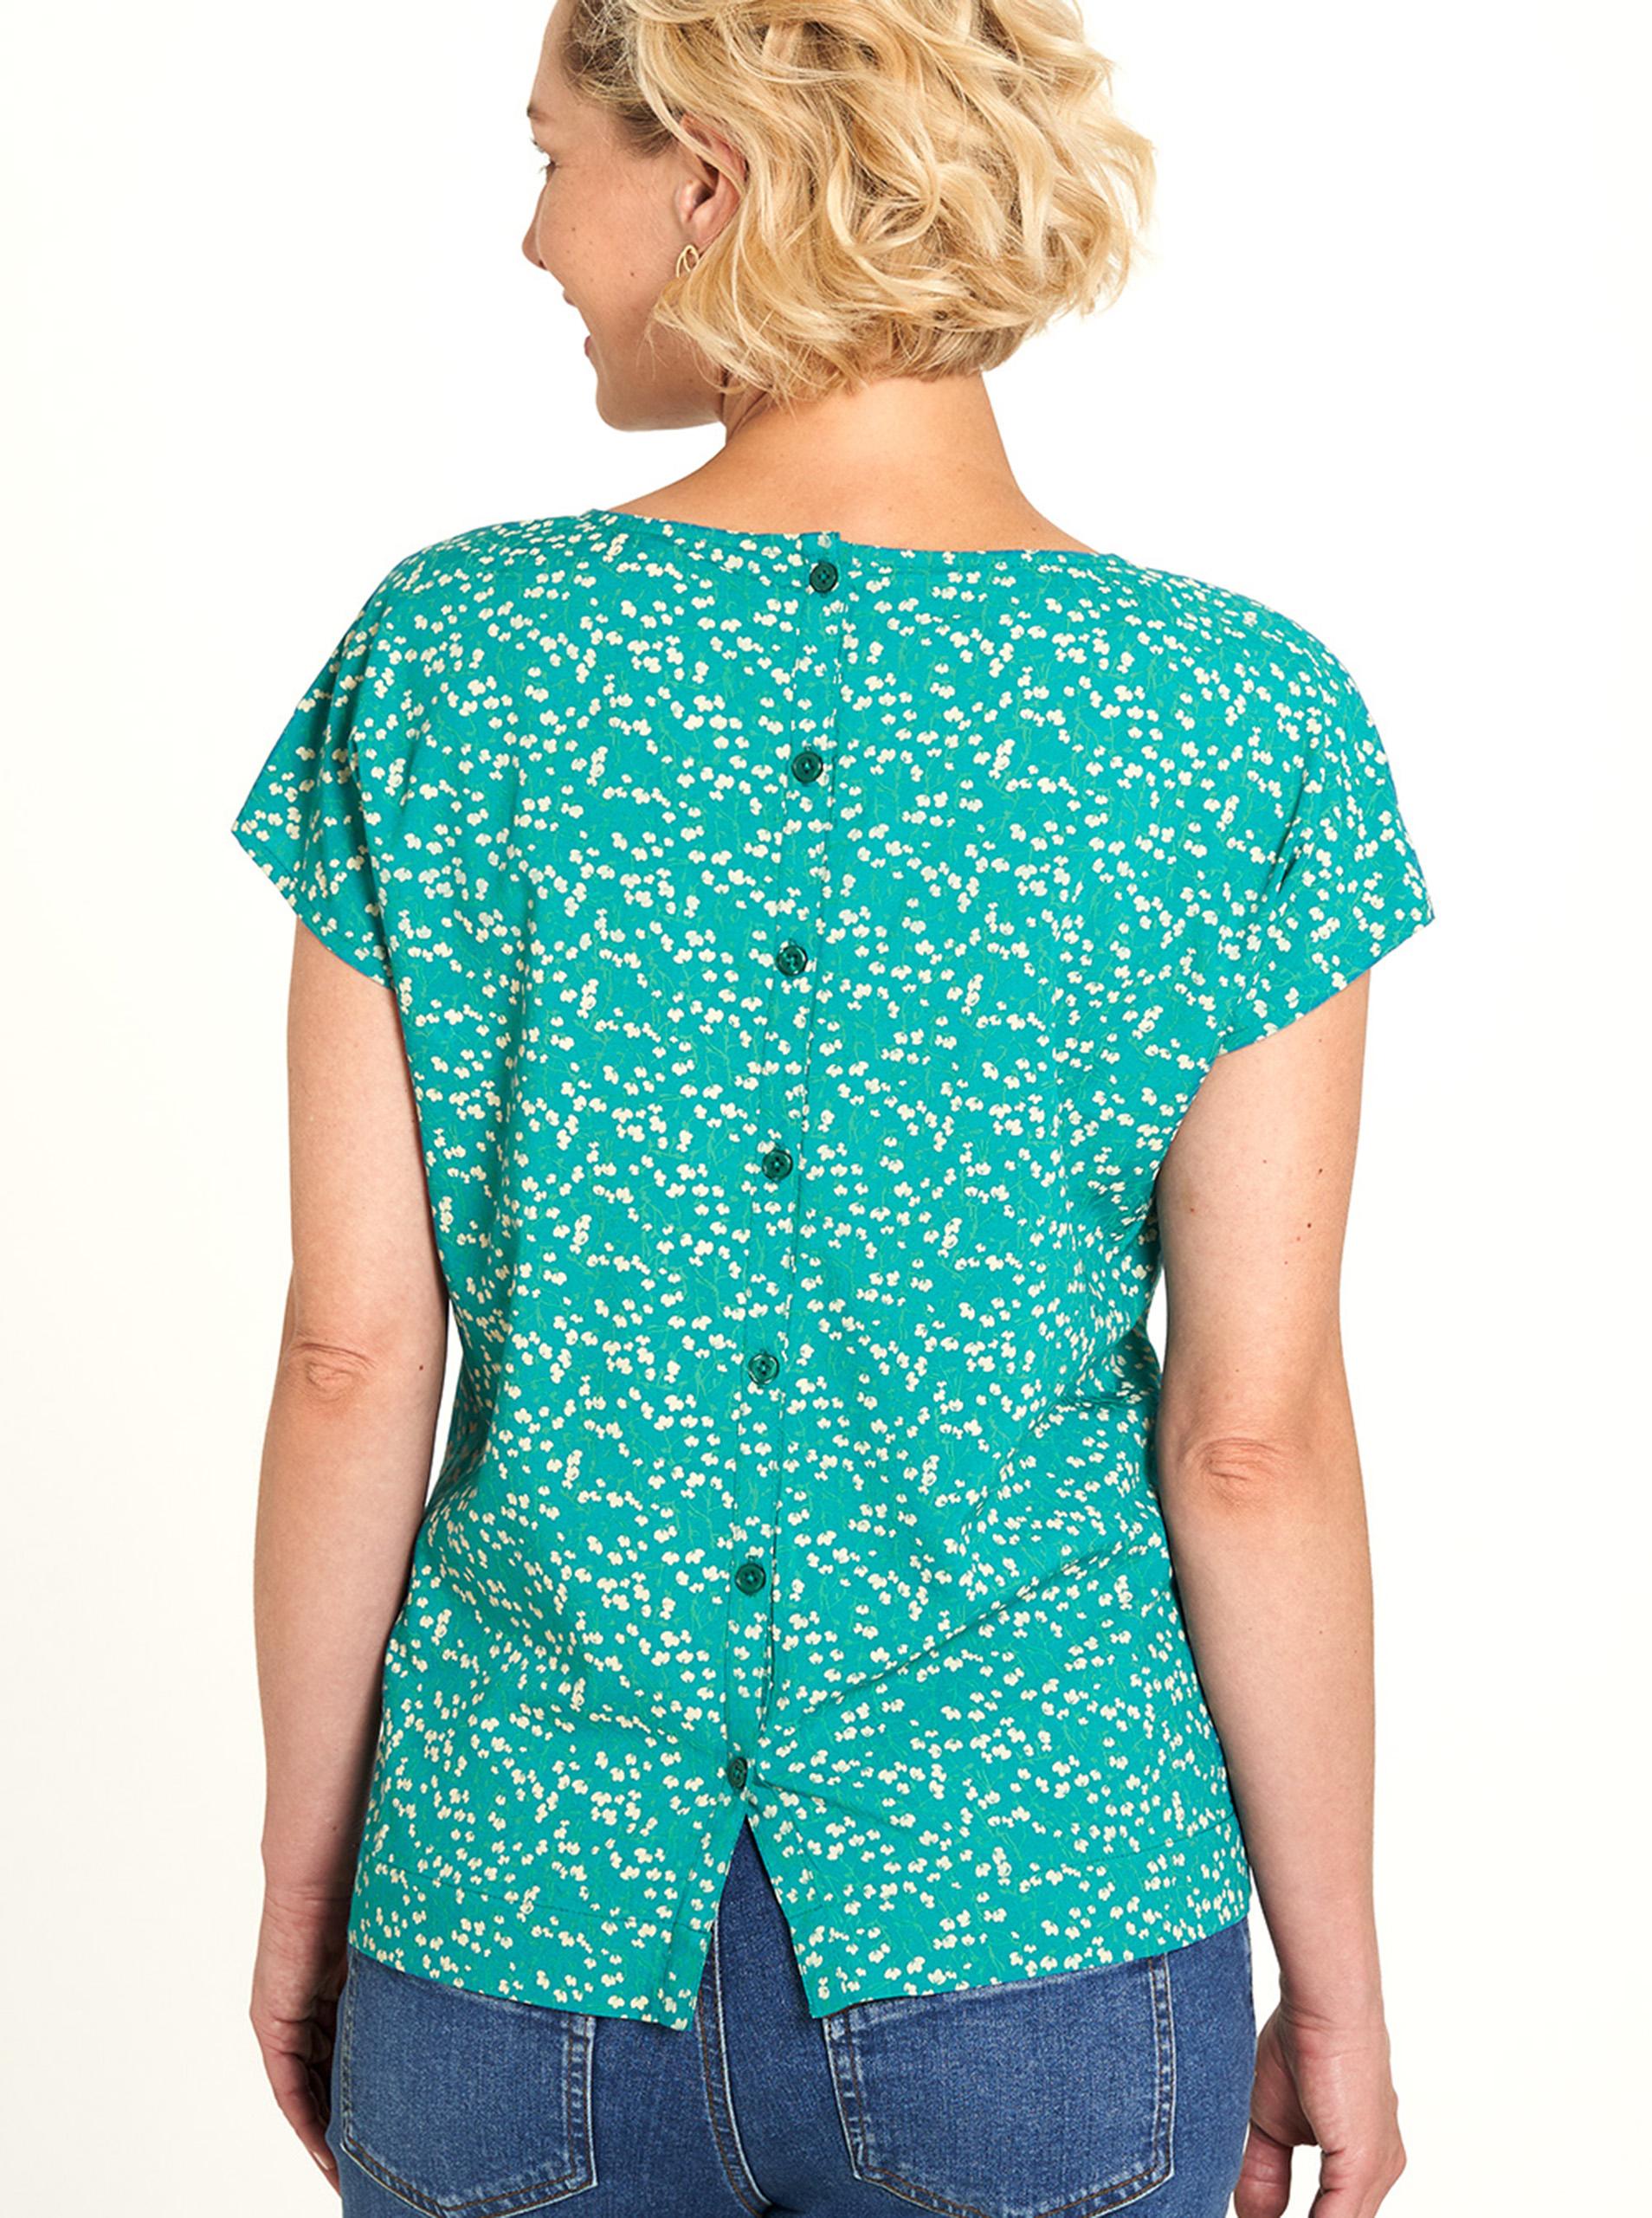 Tranquillo turchese maglietta con motivo floreale